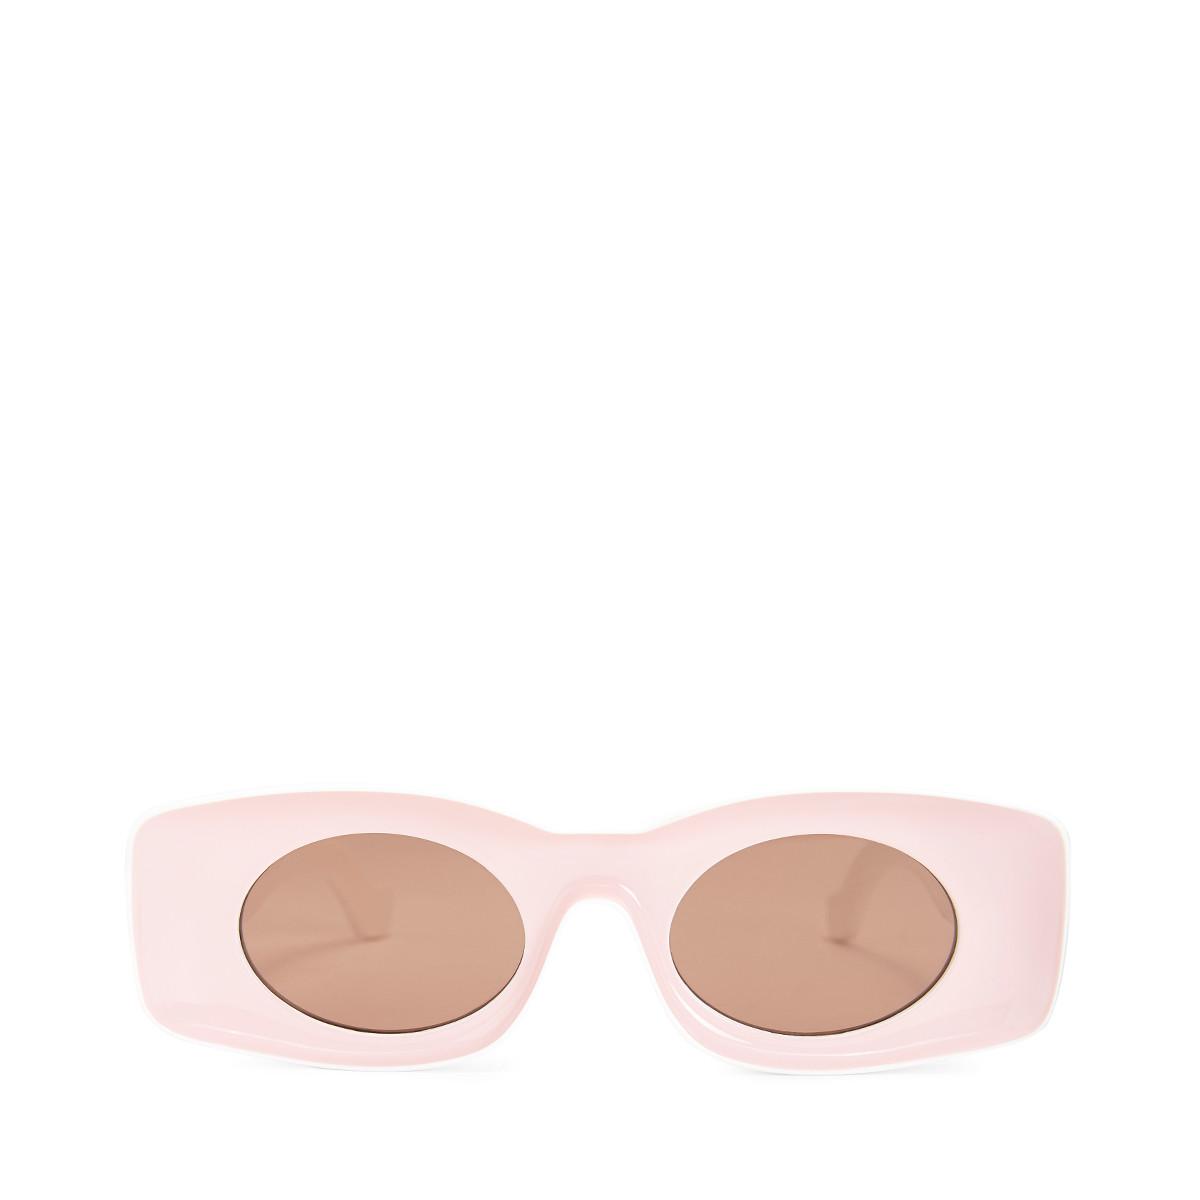 Paula Sunglasses in Pink/White